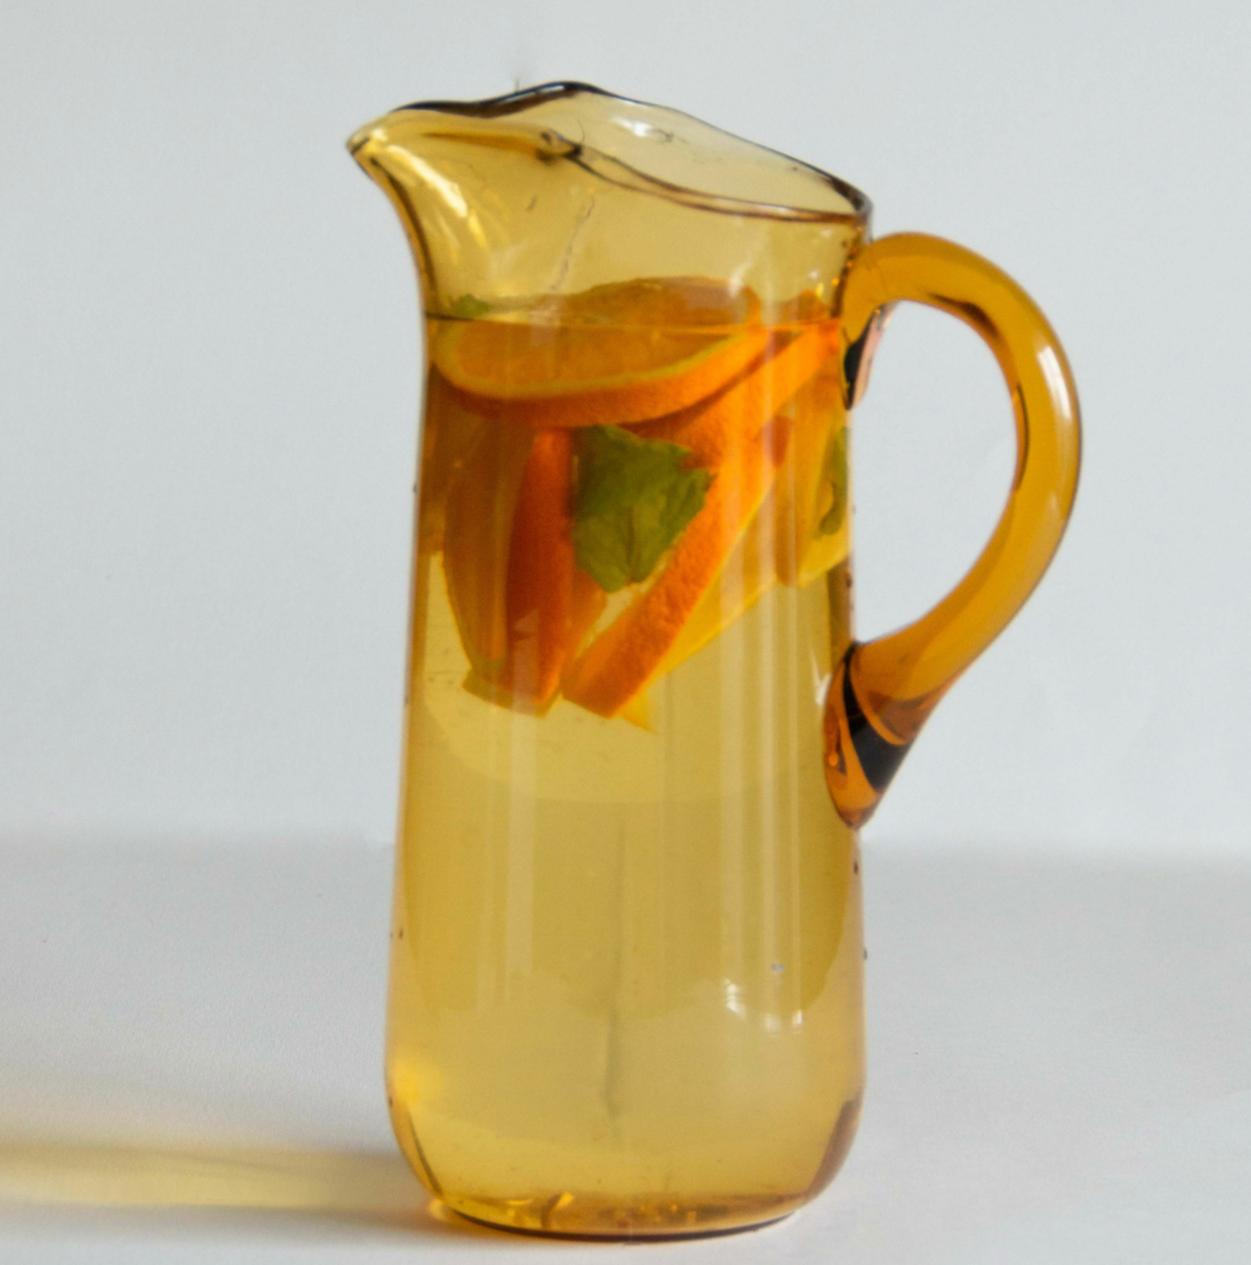 Carafe en verre jaune XXL